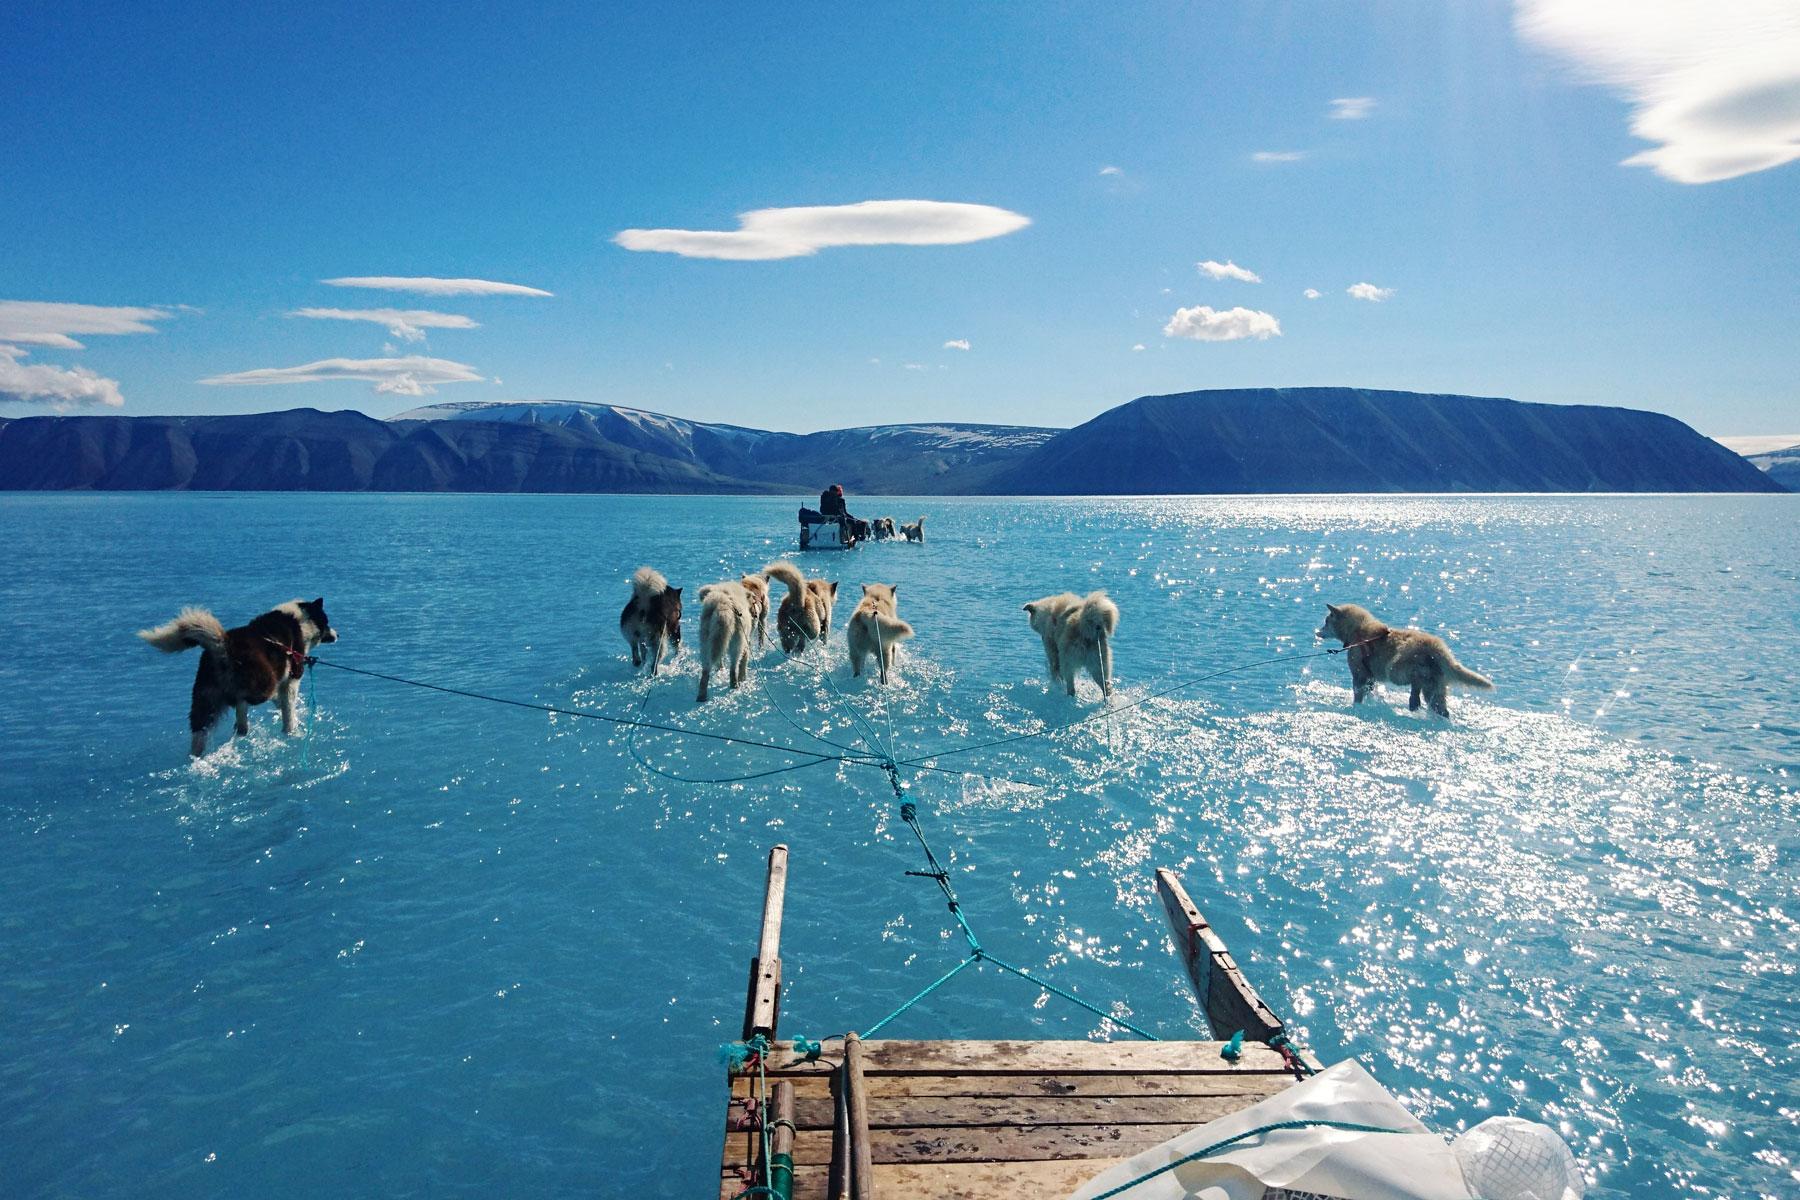 Команда Датского метеорологического института направляется потающему морскому льду засвоим исследовательским оборудованием насеверо-западе Гренландии. Впоследние девять лет средняя температура напобережье Гренландии выросла на7 градусов